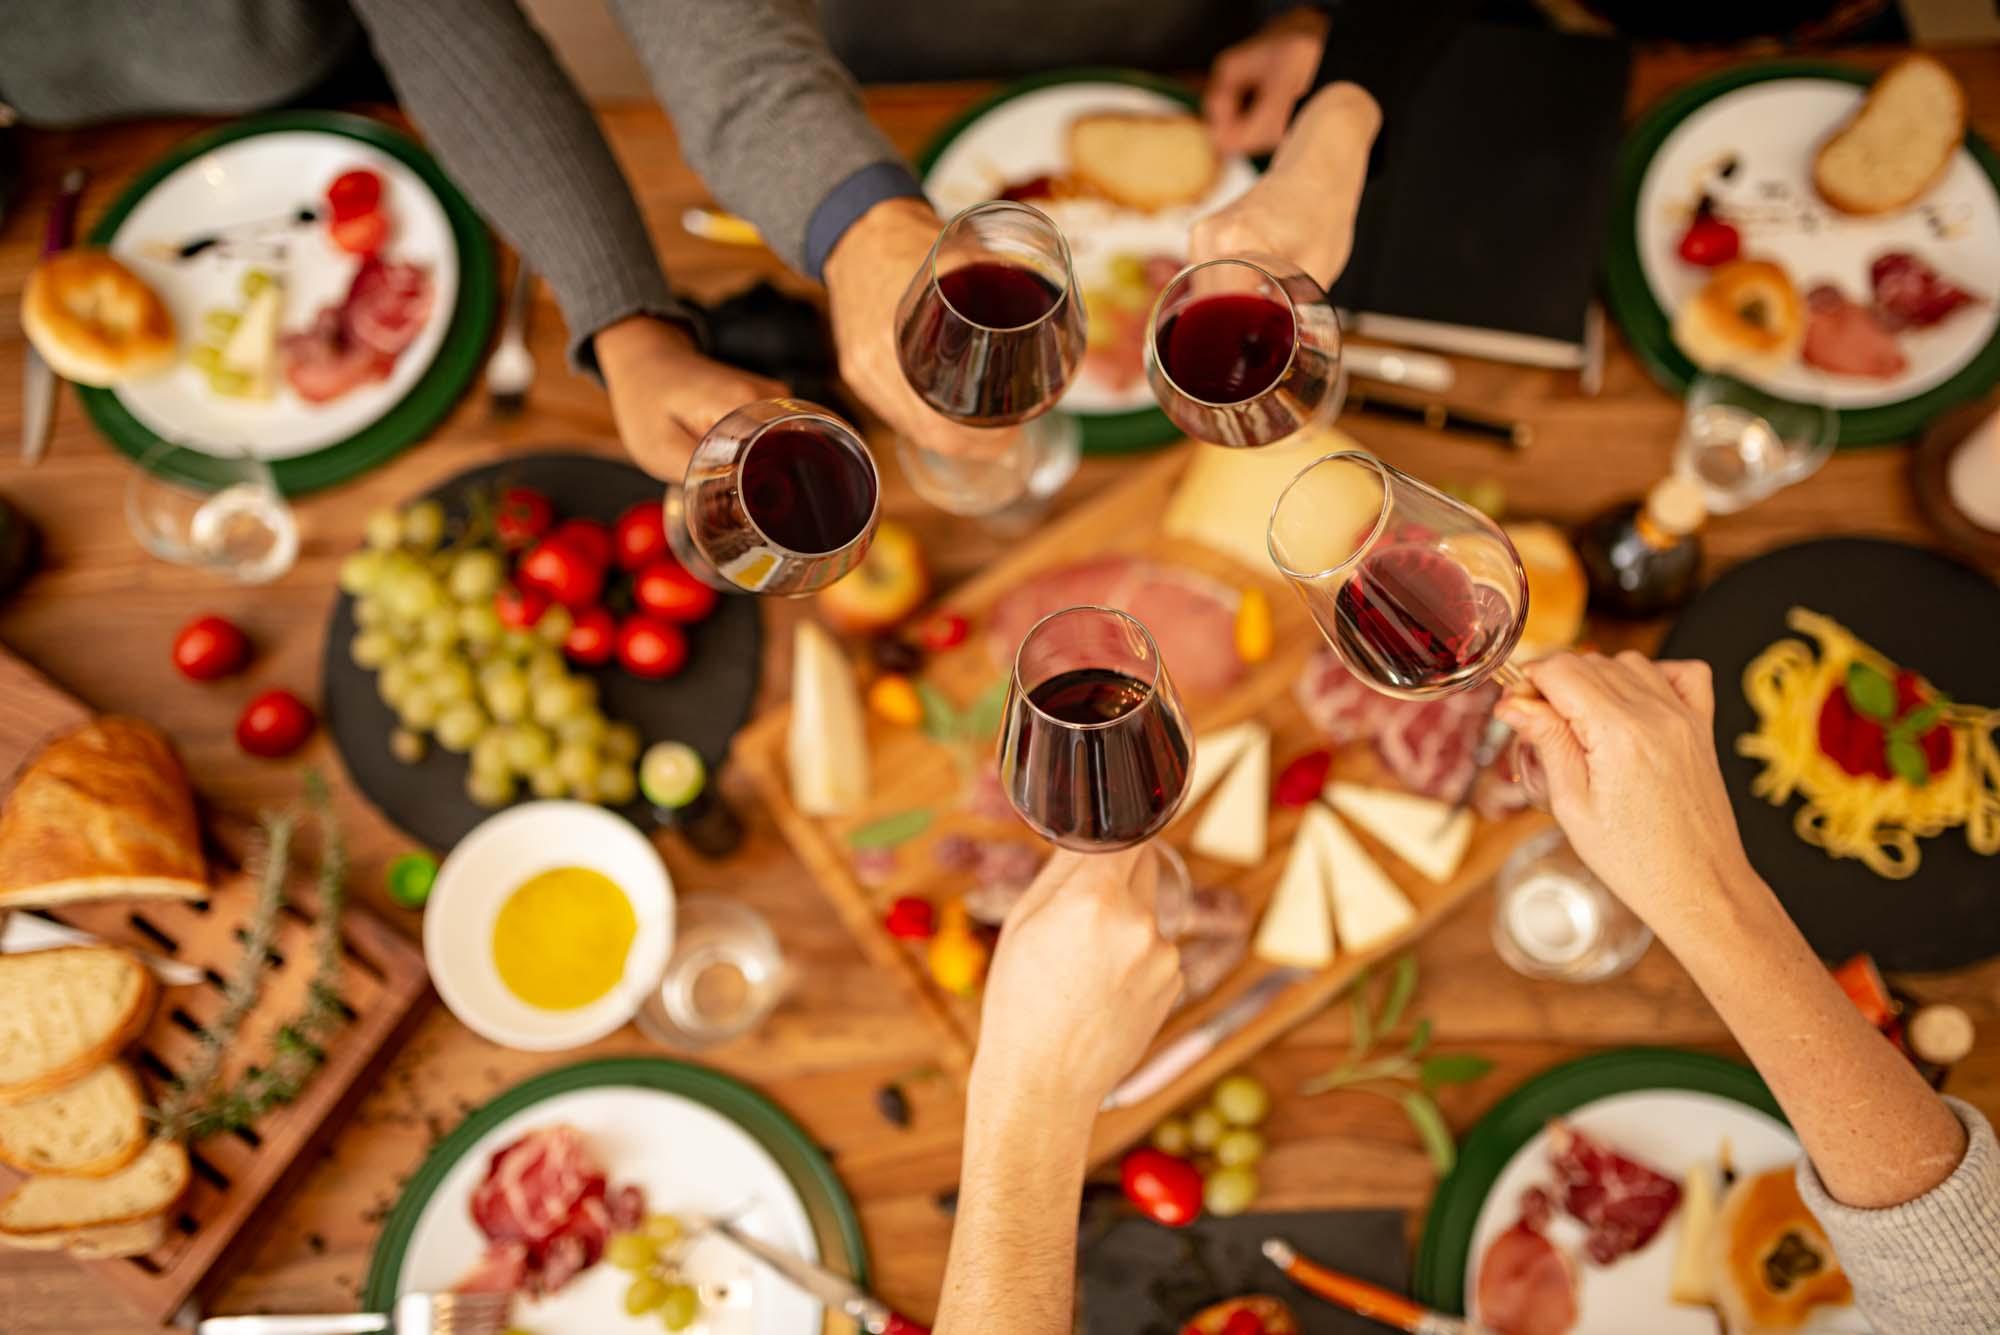 Degustazioni Enogastronomiche Eventi Aziendali a Terni